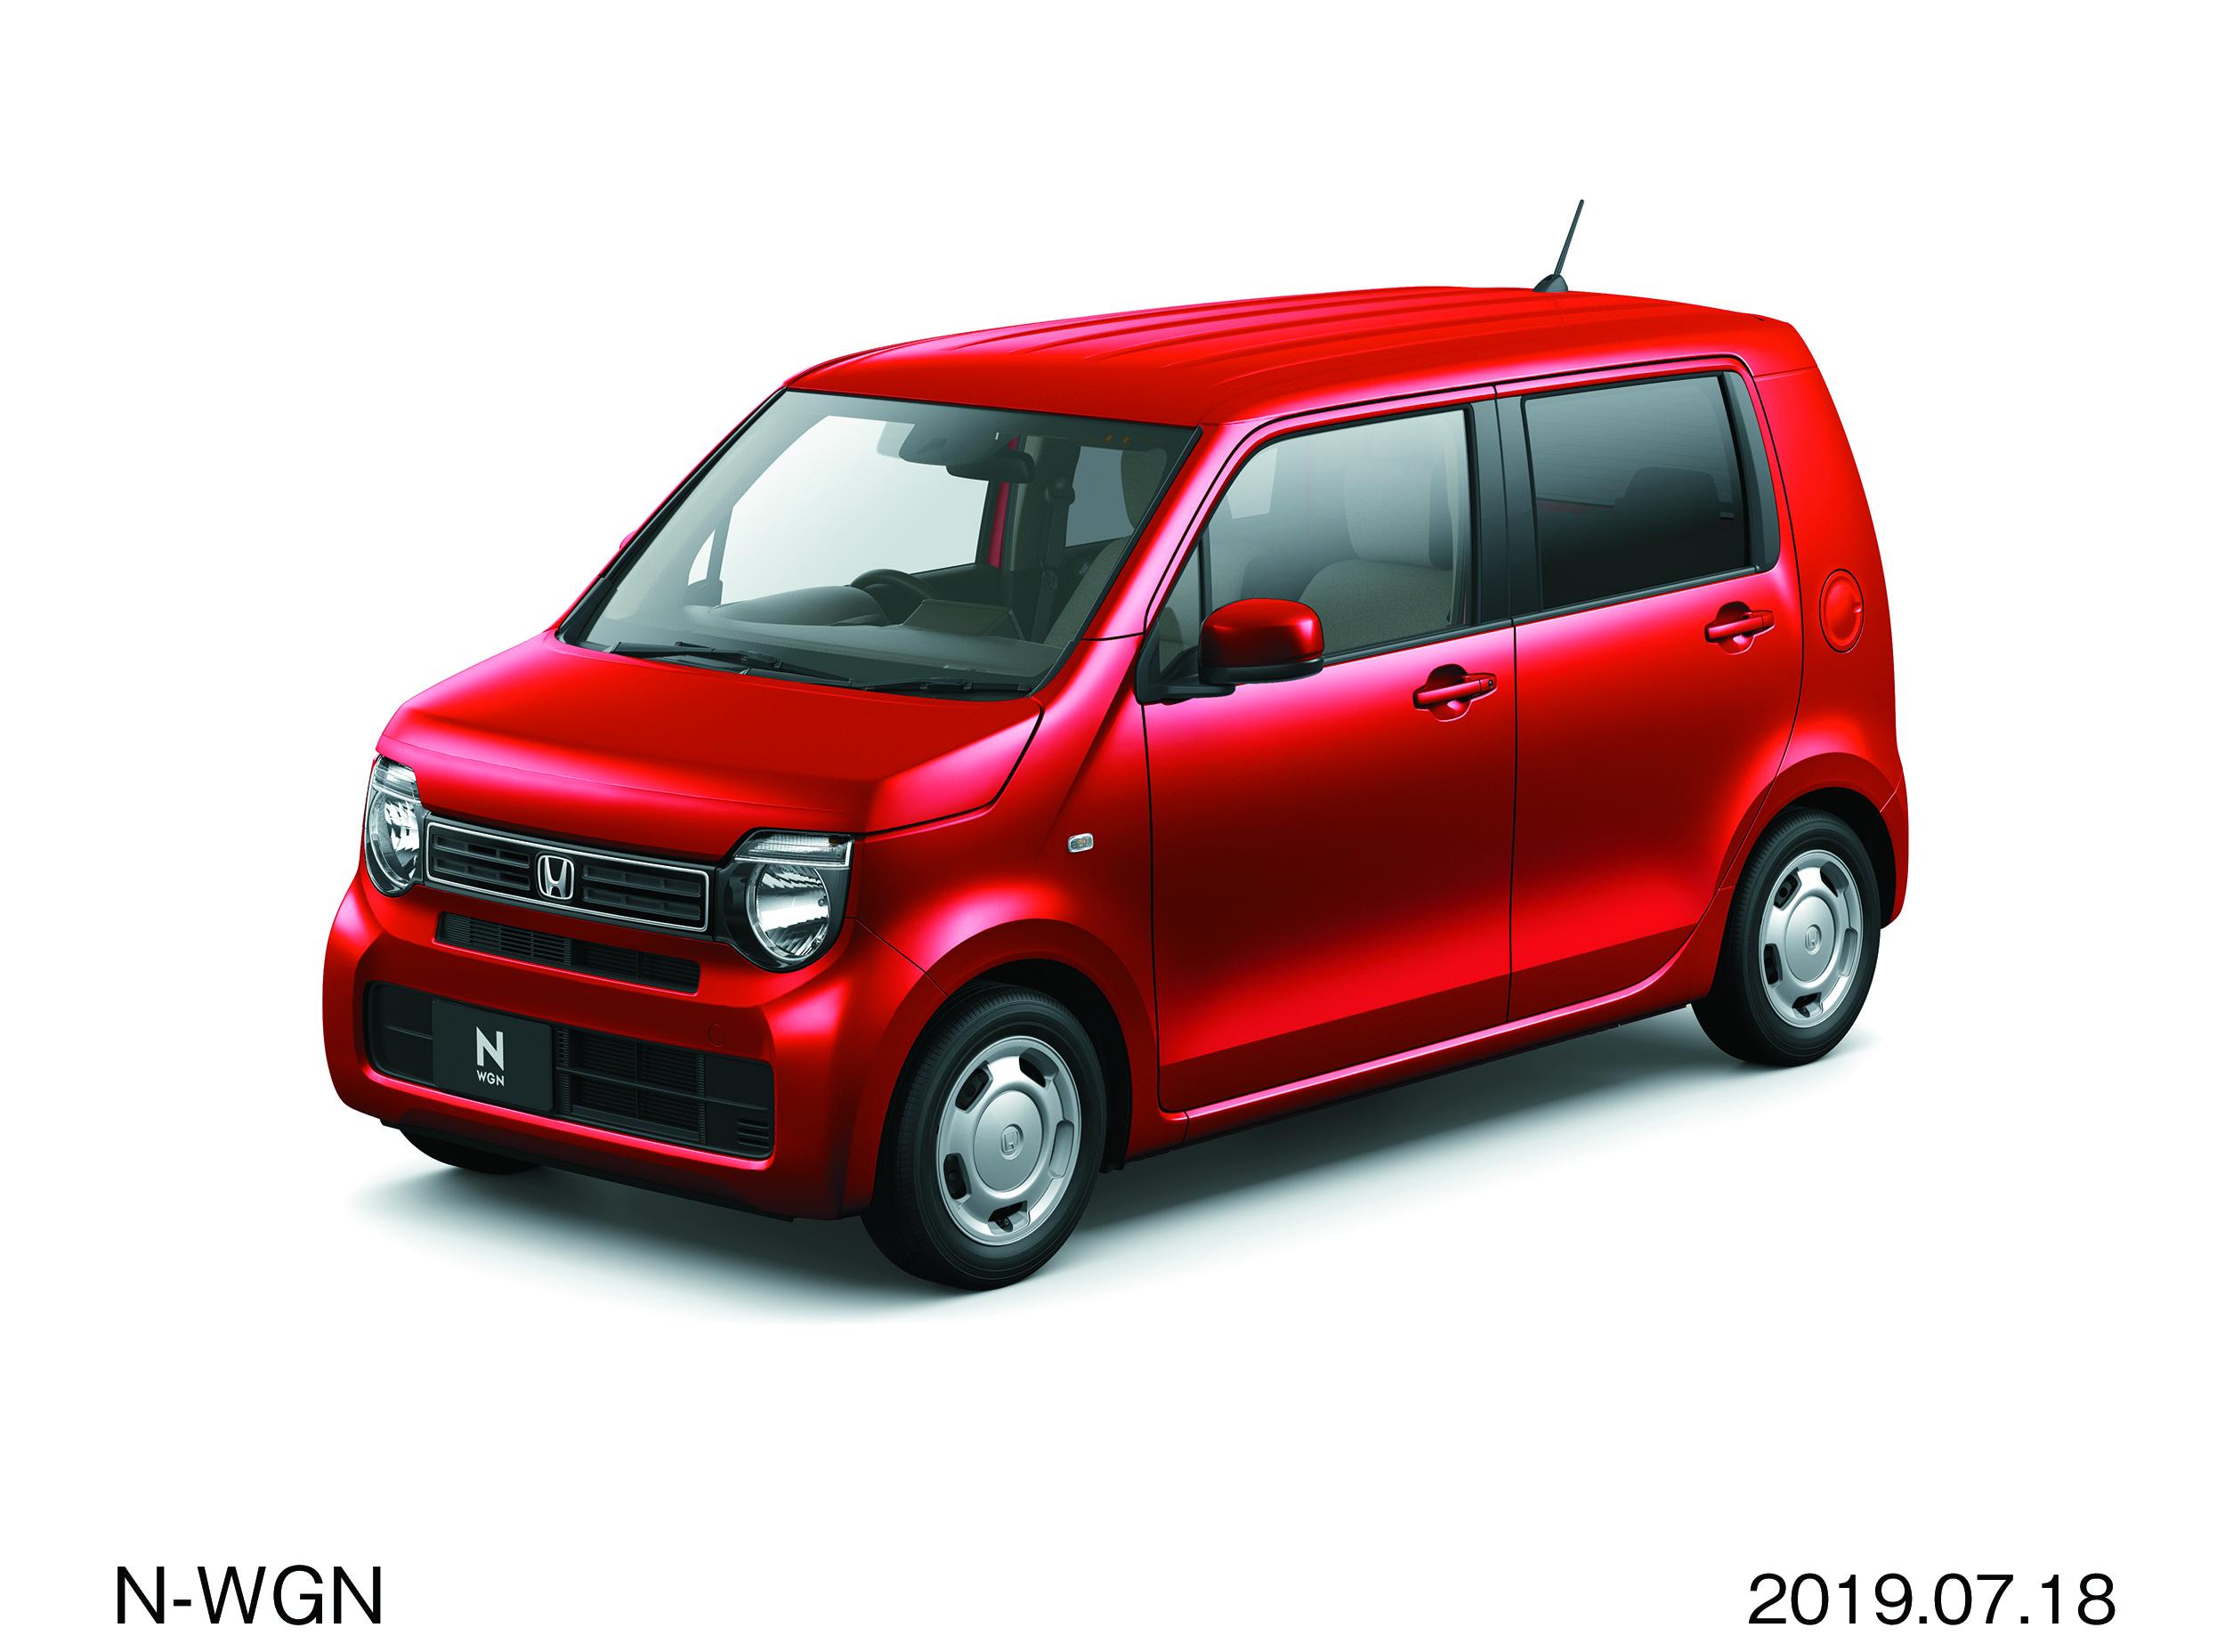 Honda N-WGN 2019 - kini lebih ringkas dan praktikal 2019 ...